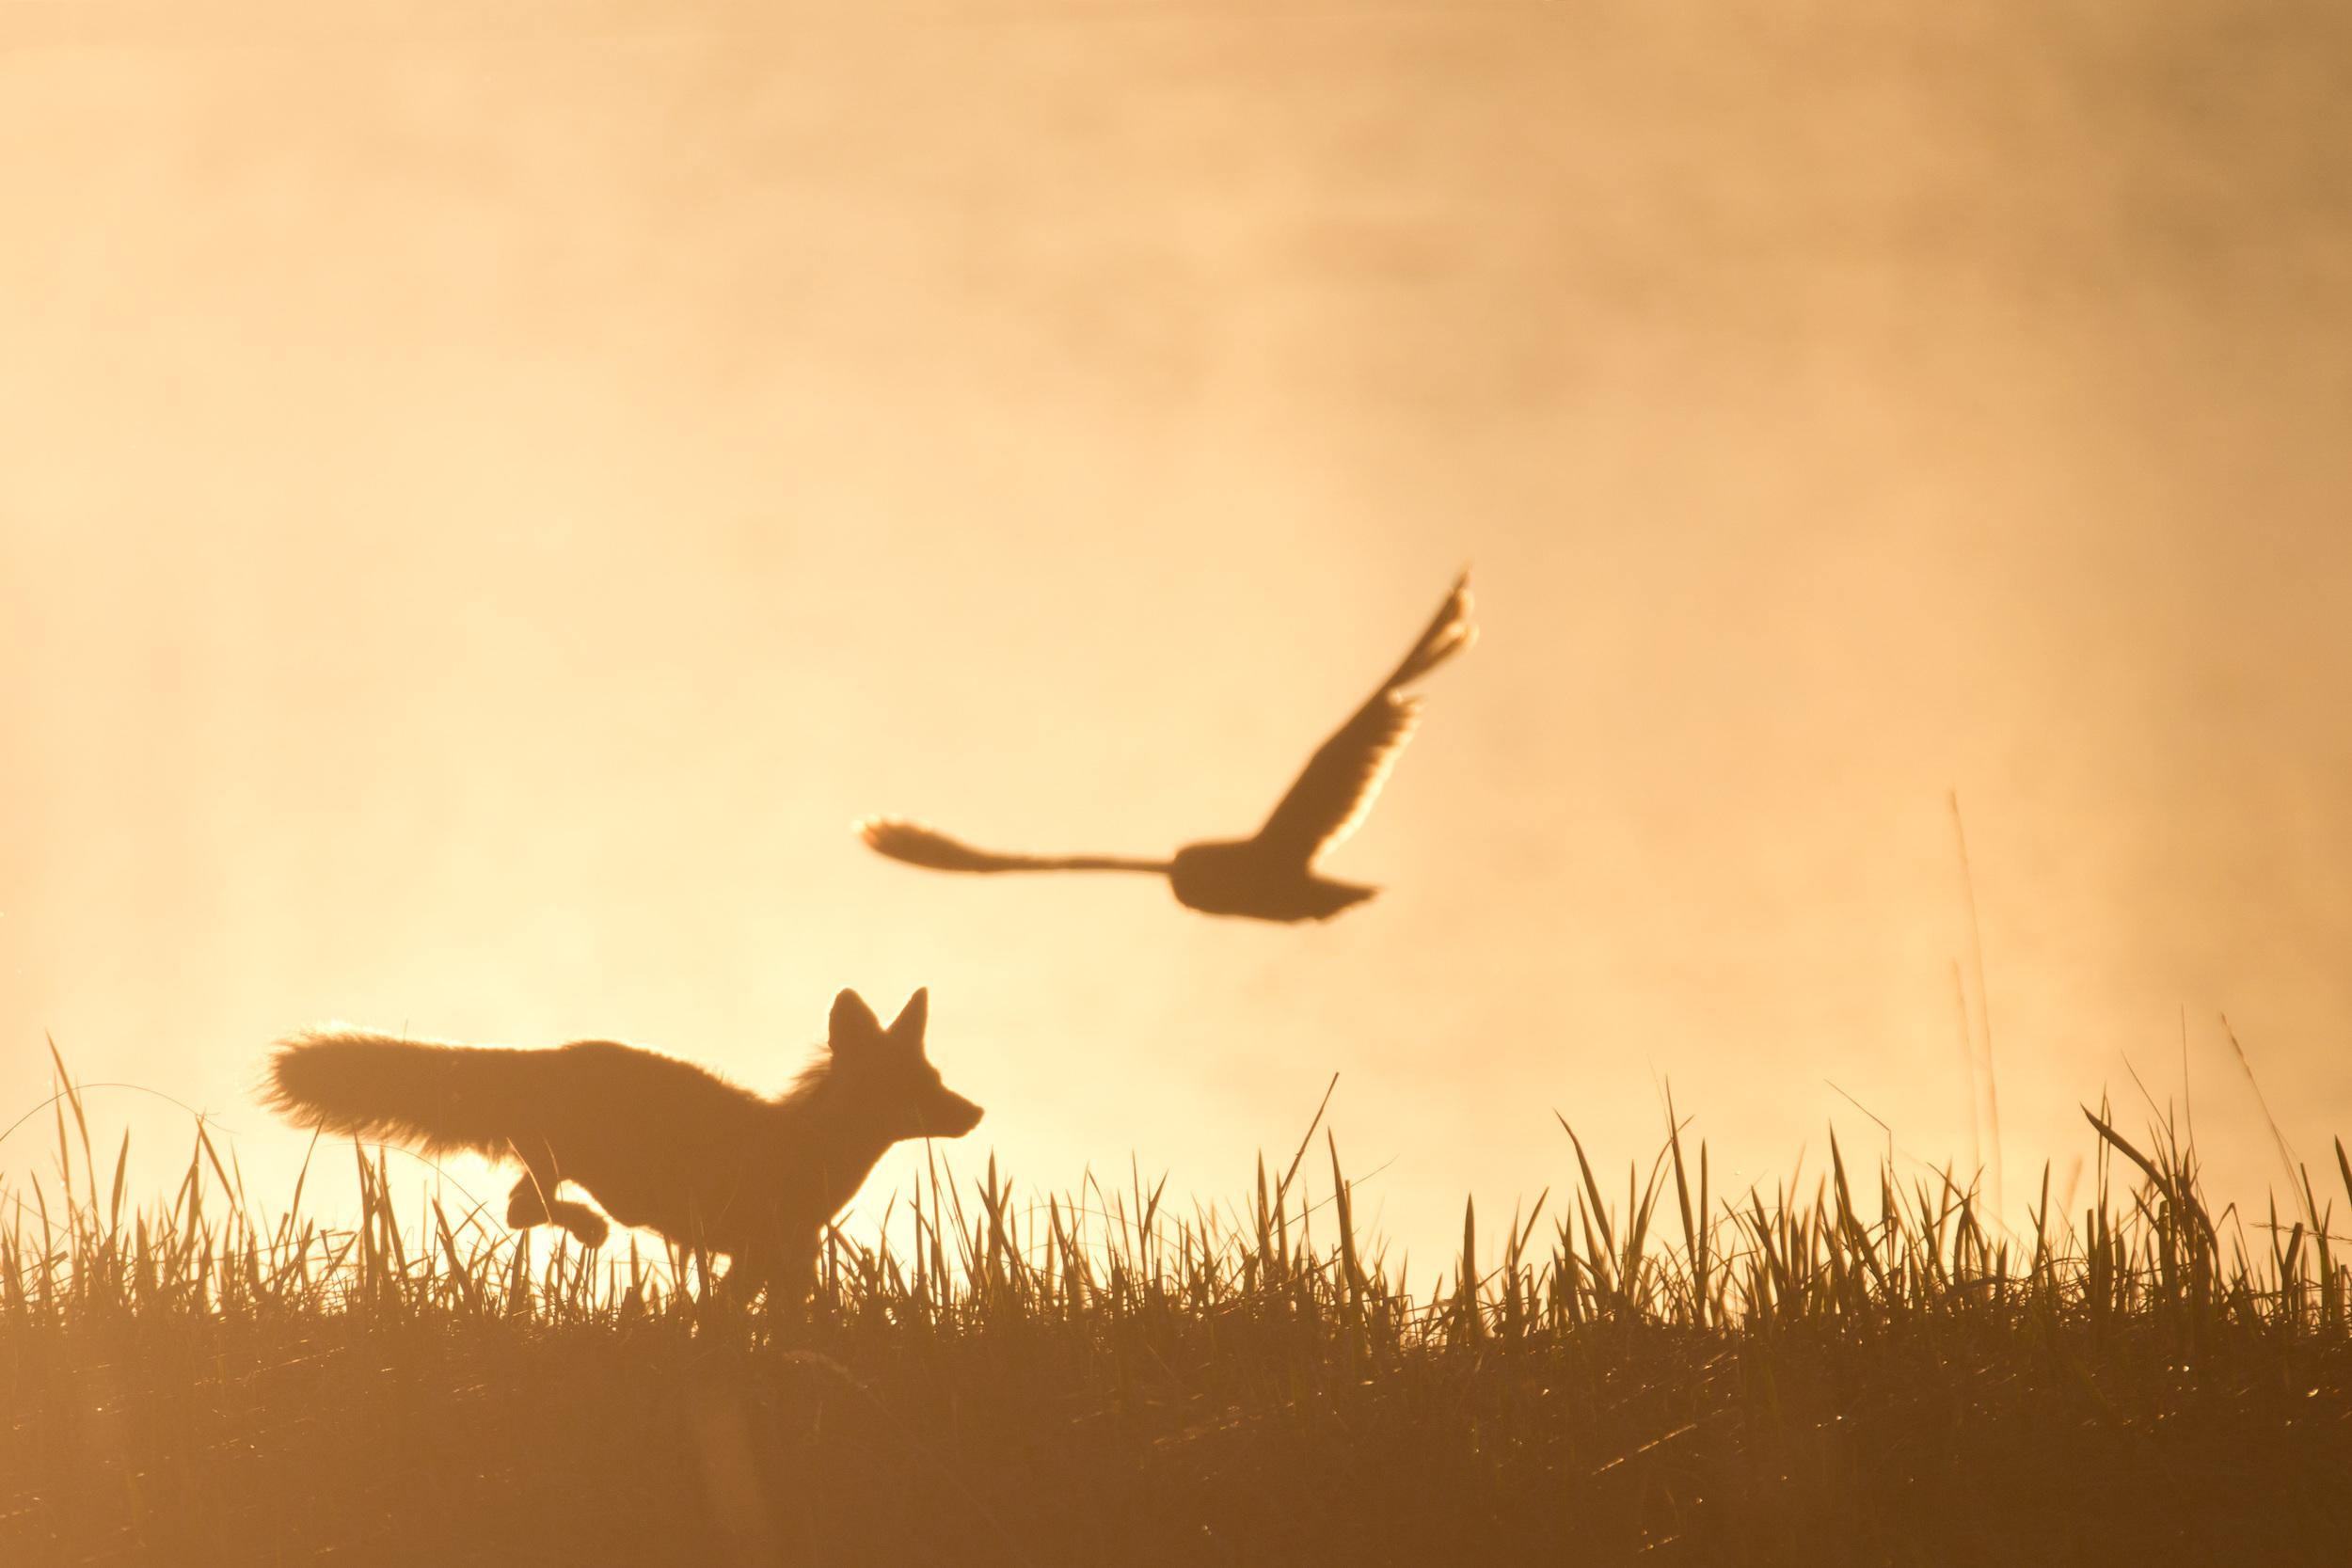 red_fox_seo_00440715b.jpg